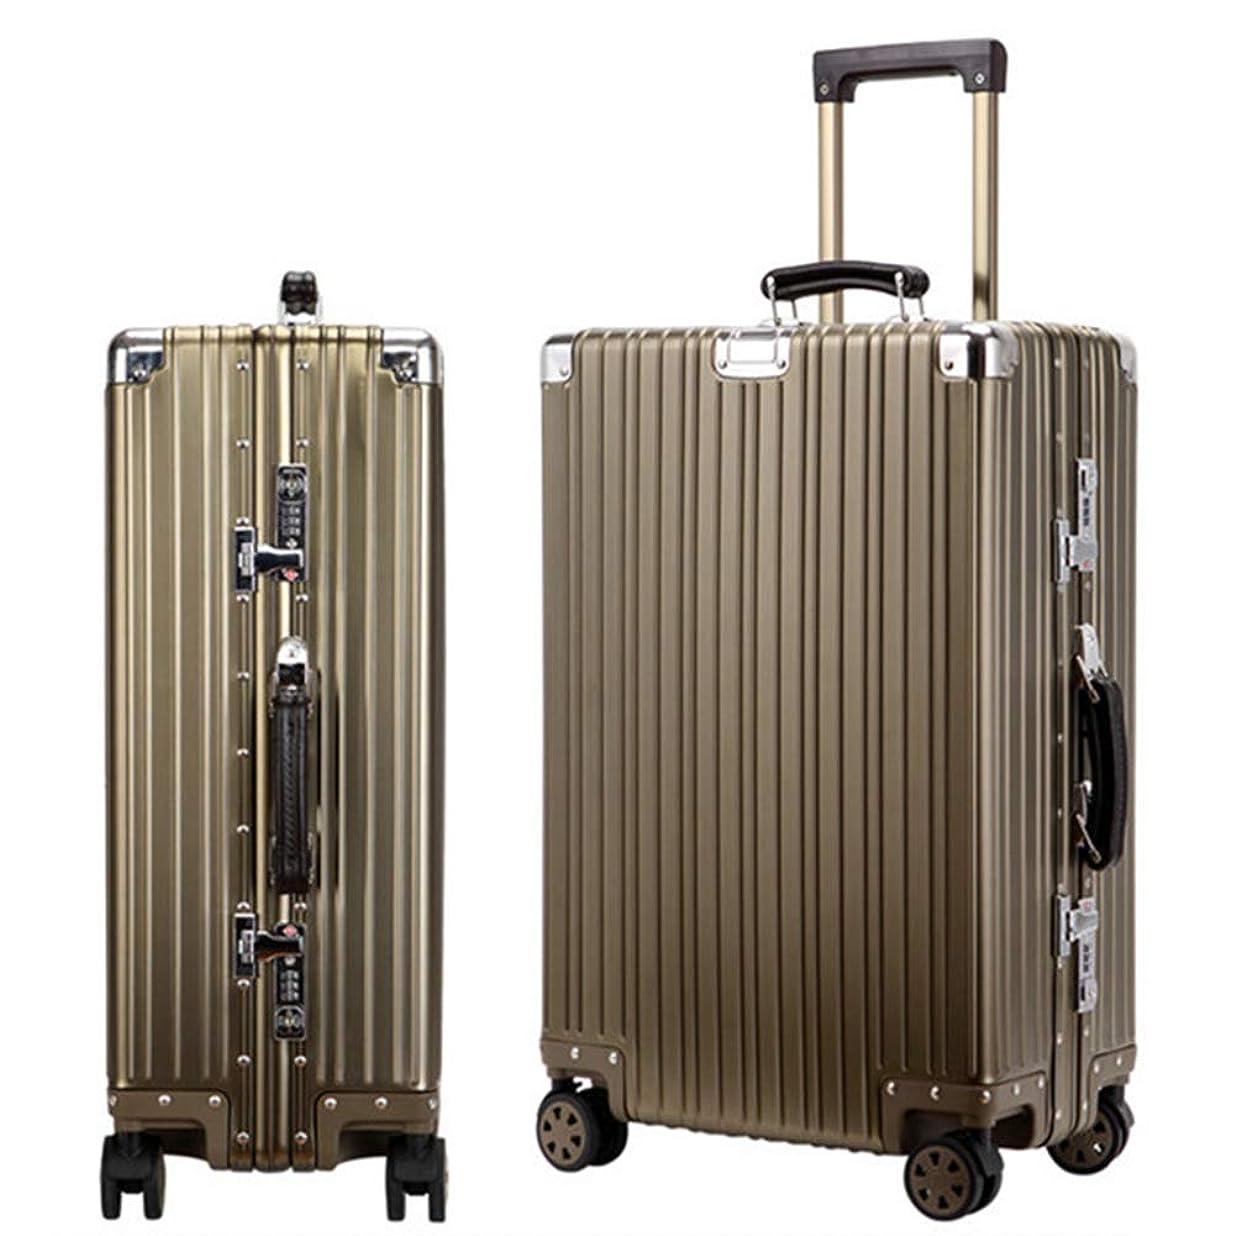 遅らせるナビゲーションパワースーツケース 旅行出張 アルミ スーツケース キャリーケース アルミ?マグネシウム合金 軽量 静音 TSAロック搭載 スーツケース アルミ スーツケース 大型 6色